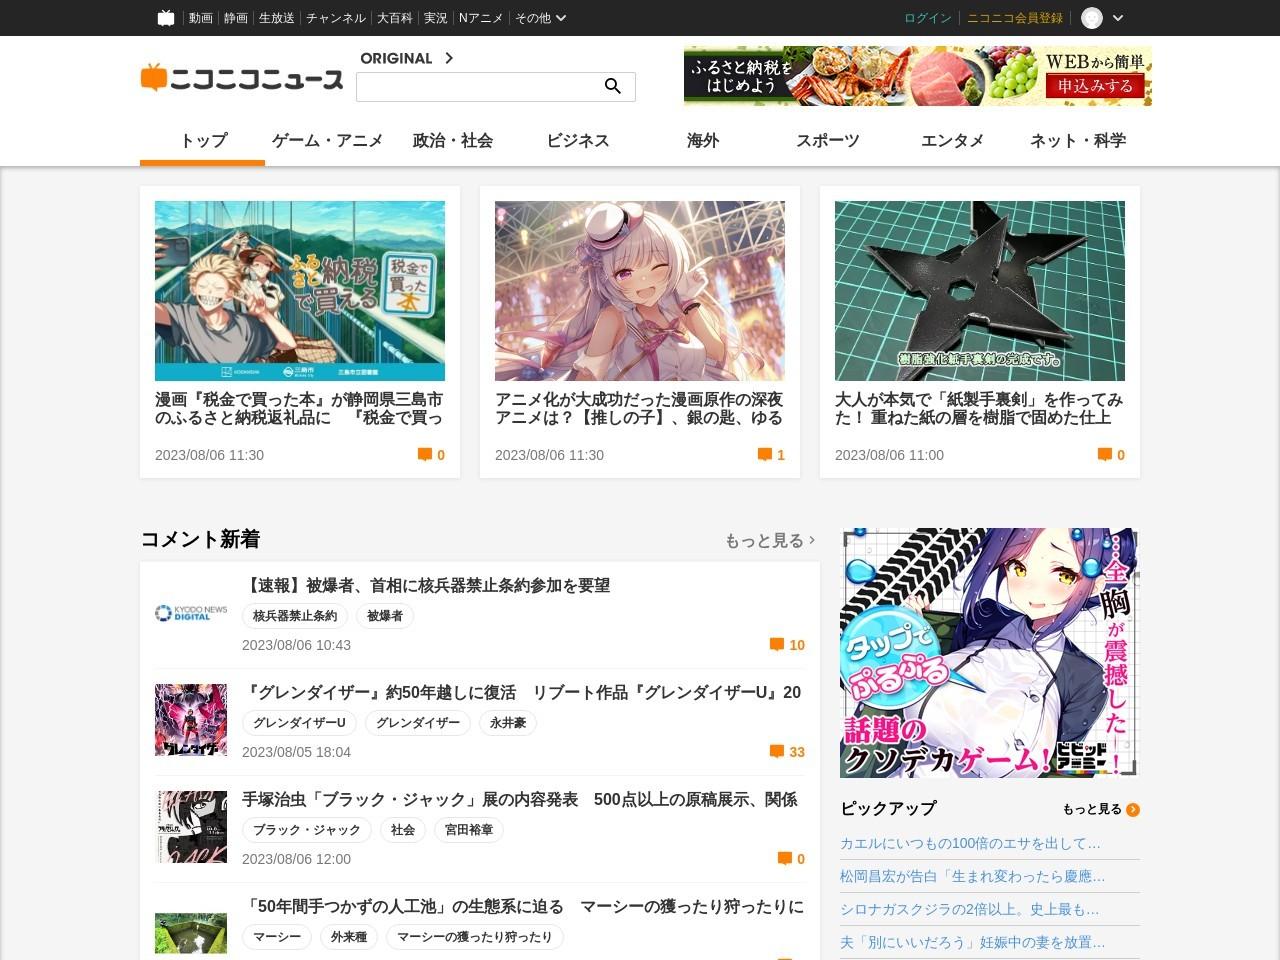 『Readyyy!(レディ)』本日2/1配信スタート! 注目のアイドル育成スマホゲーム